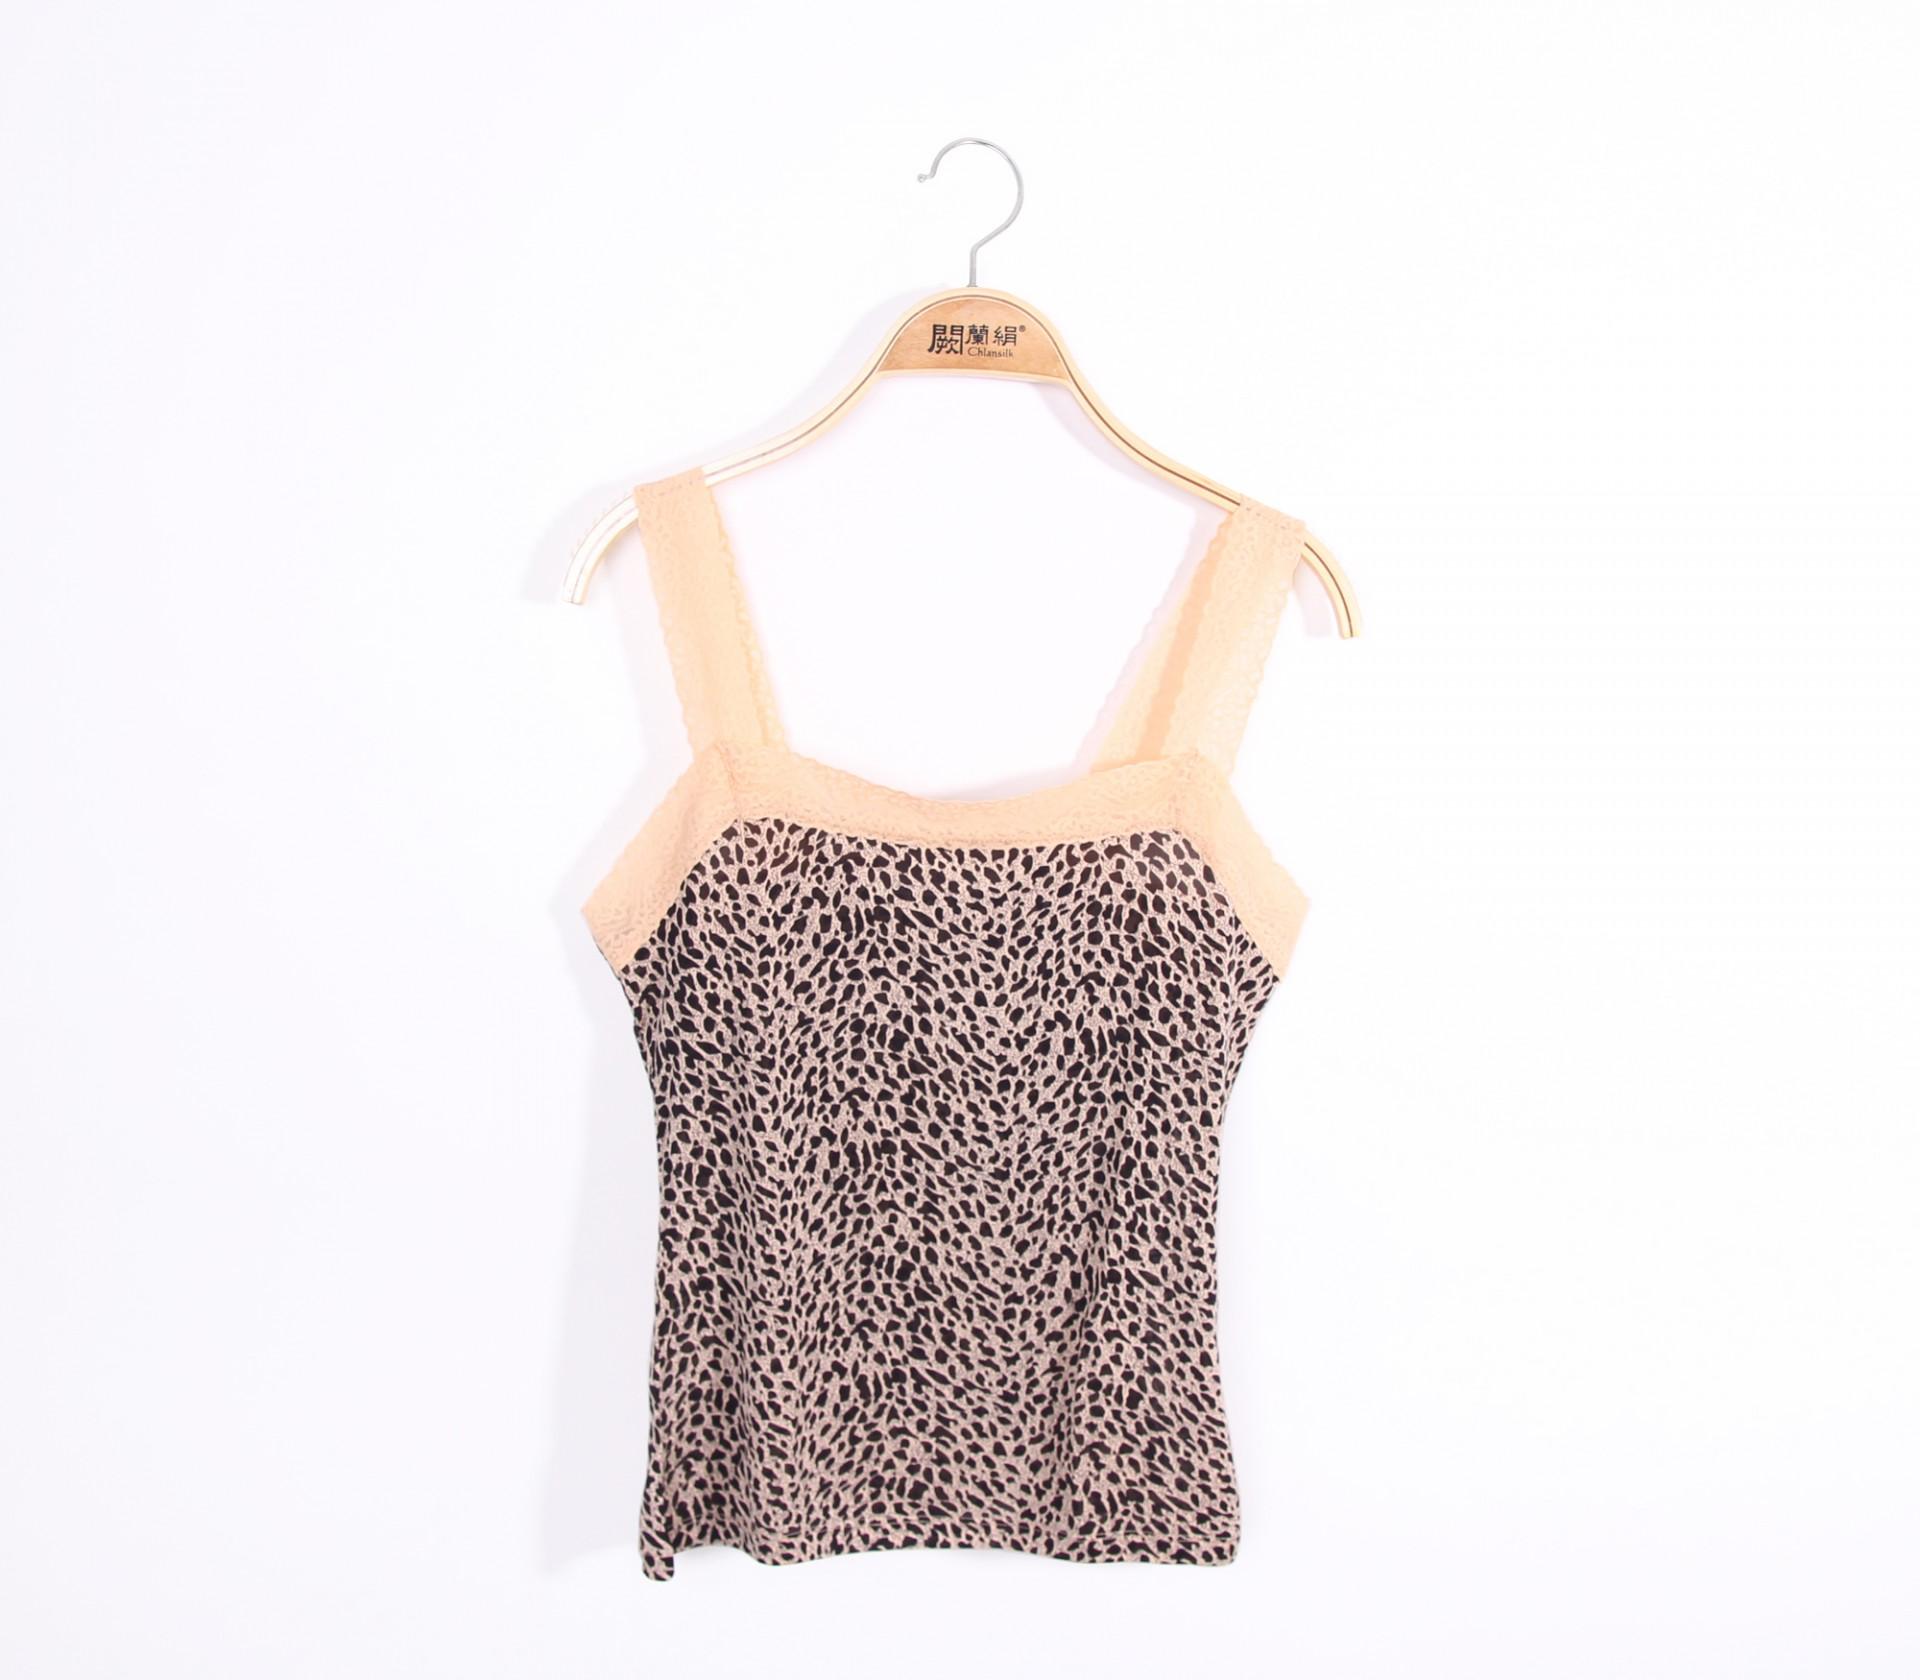 闕蘭絹親膚美型豹紋100%蠶絲背心-9910-2(卡其)